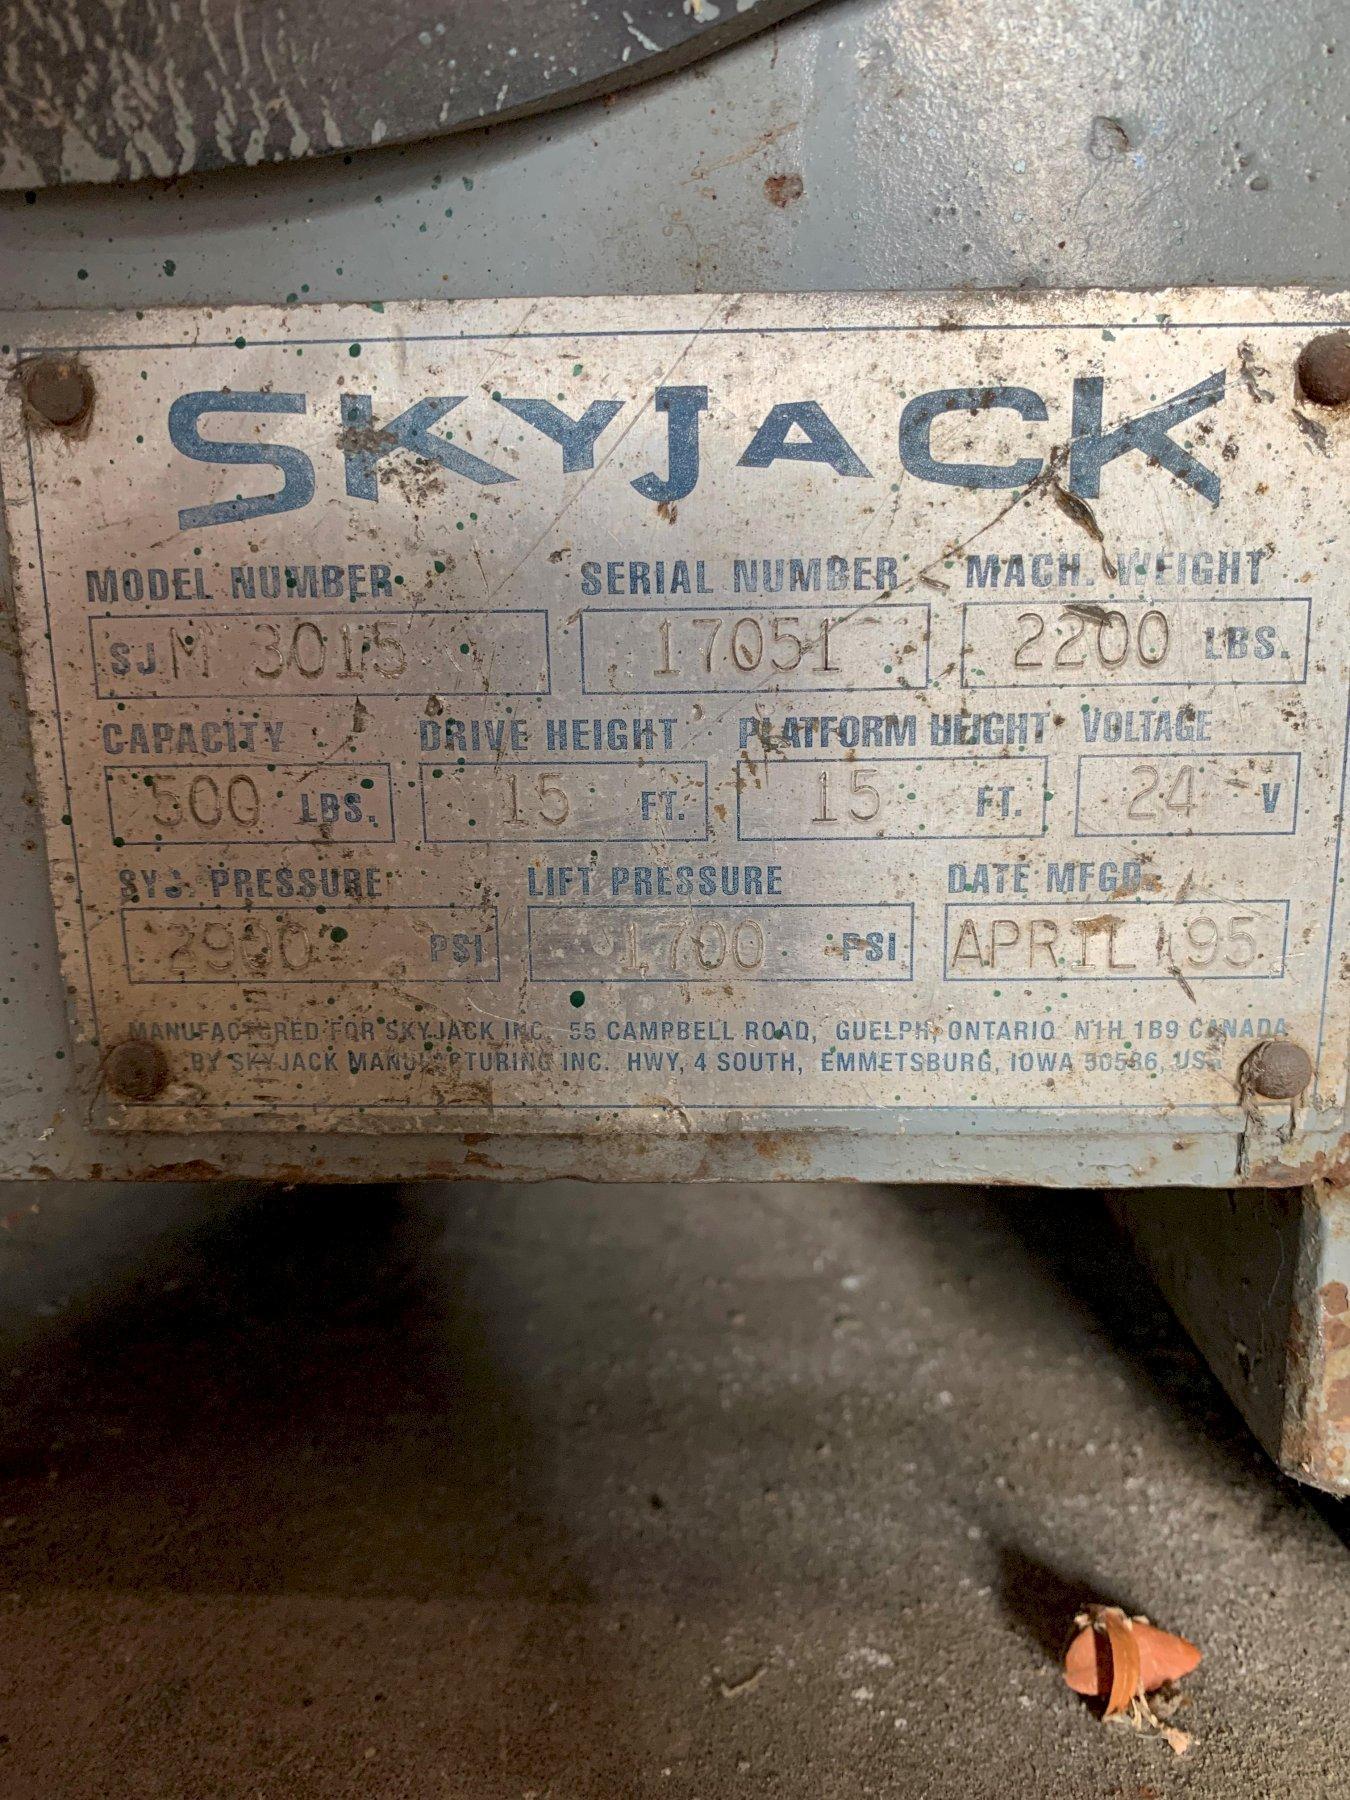 1 - PREOWNED SKY JACK AERIAL LIFT PLATFORM, MODEL #: SJ-M3015, S/N: 17051, YEAR: 1995